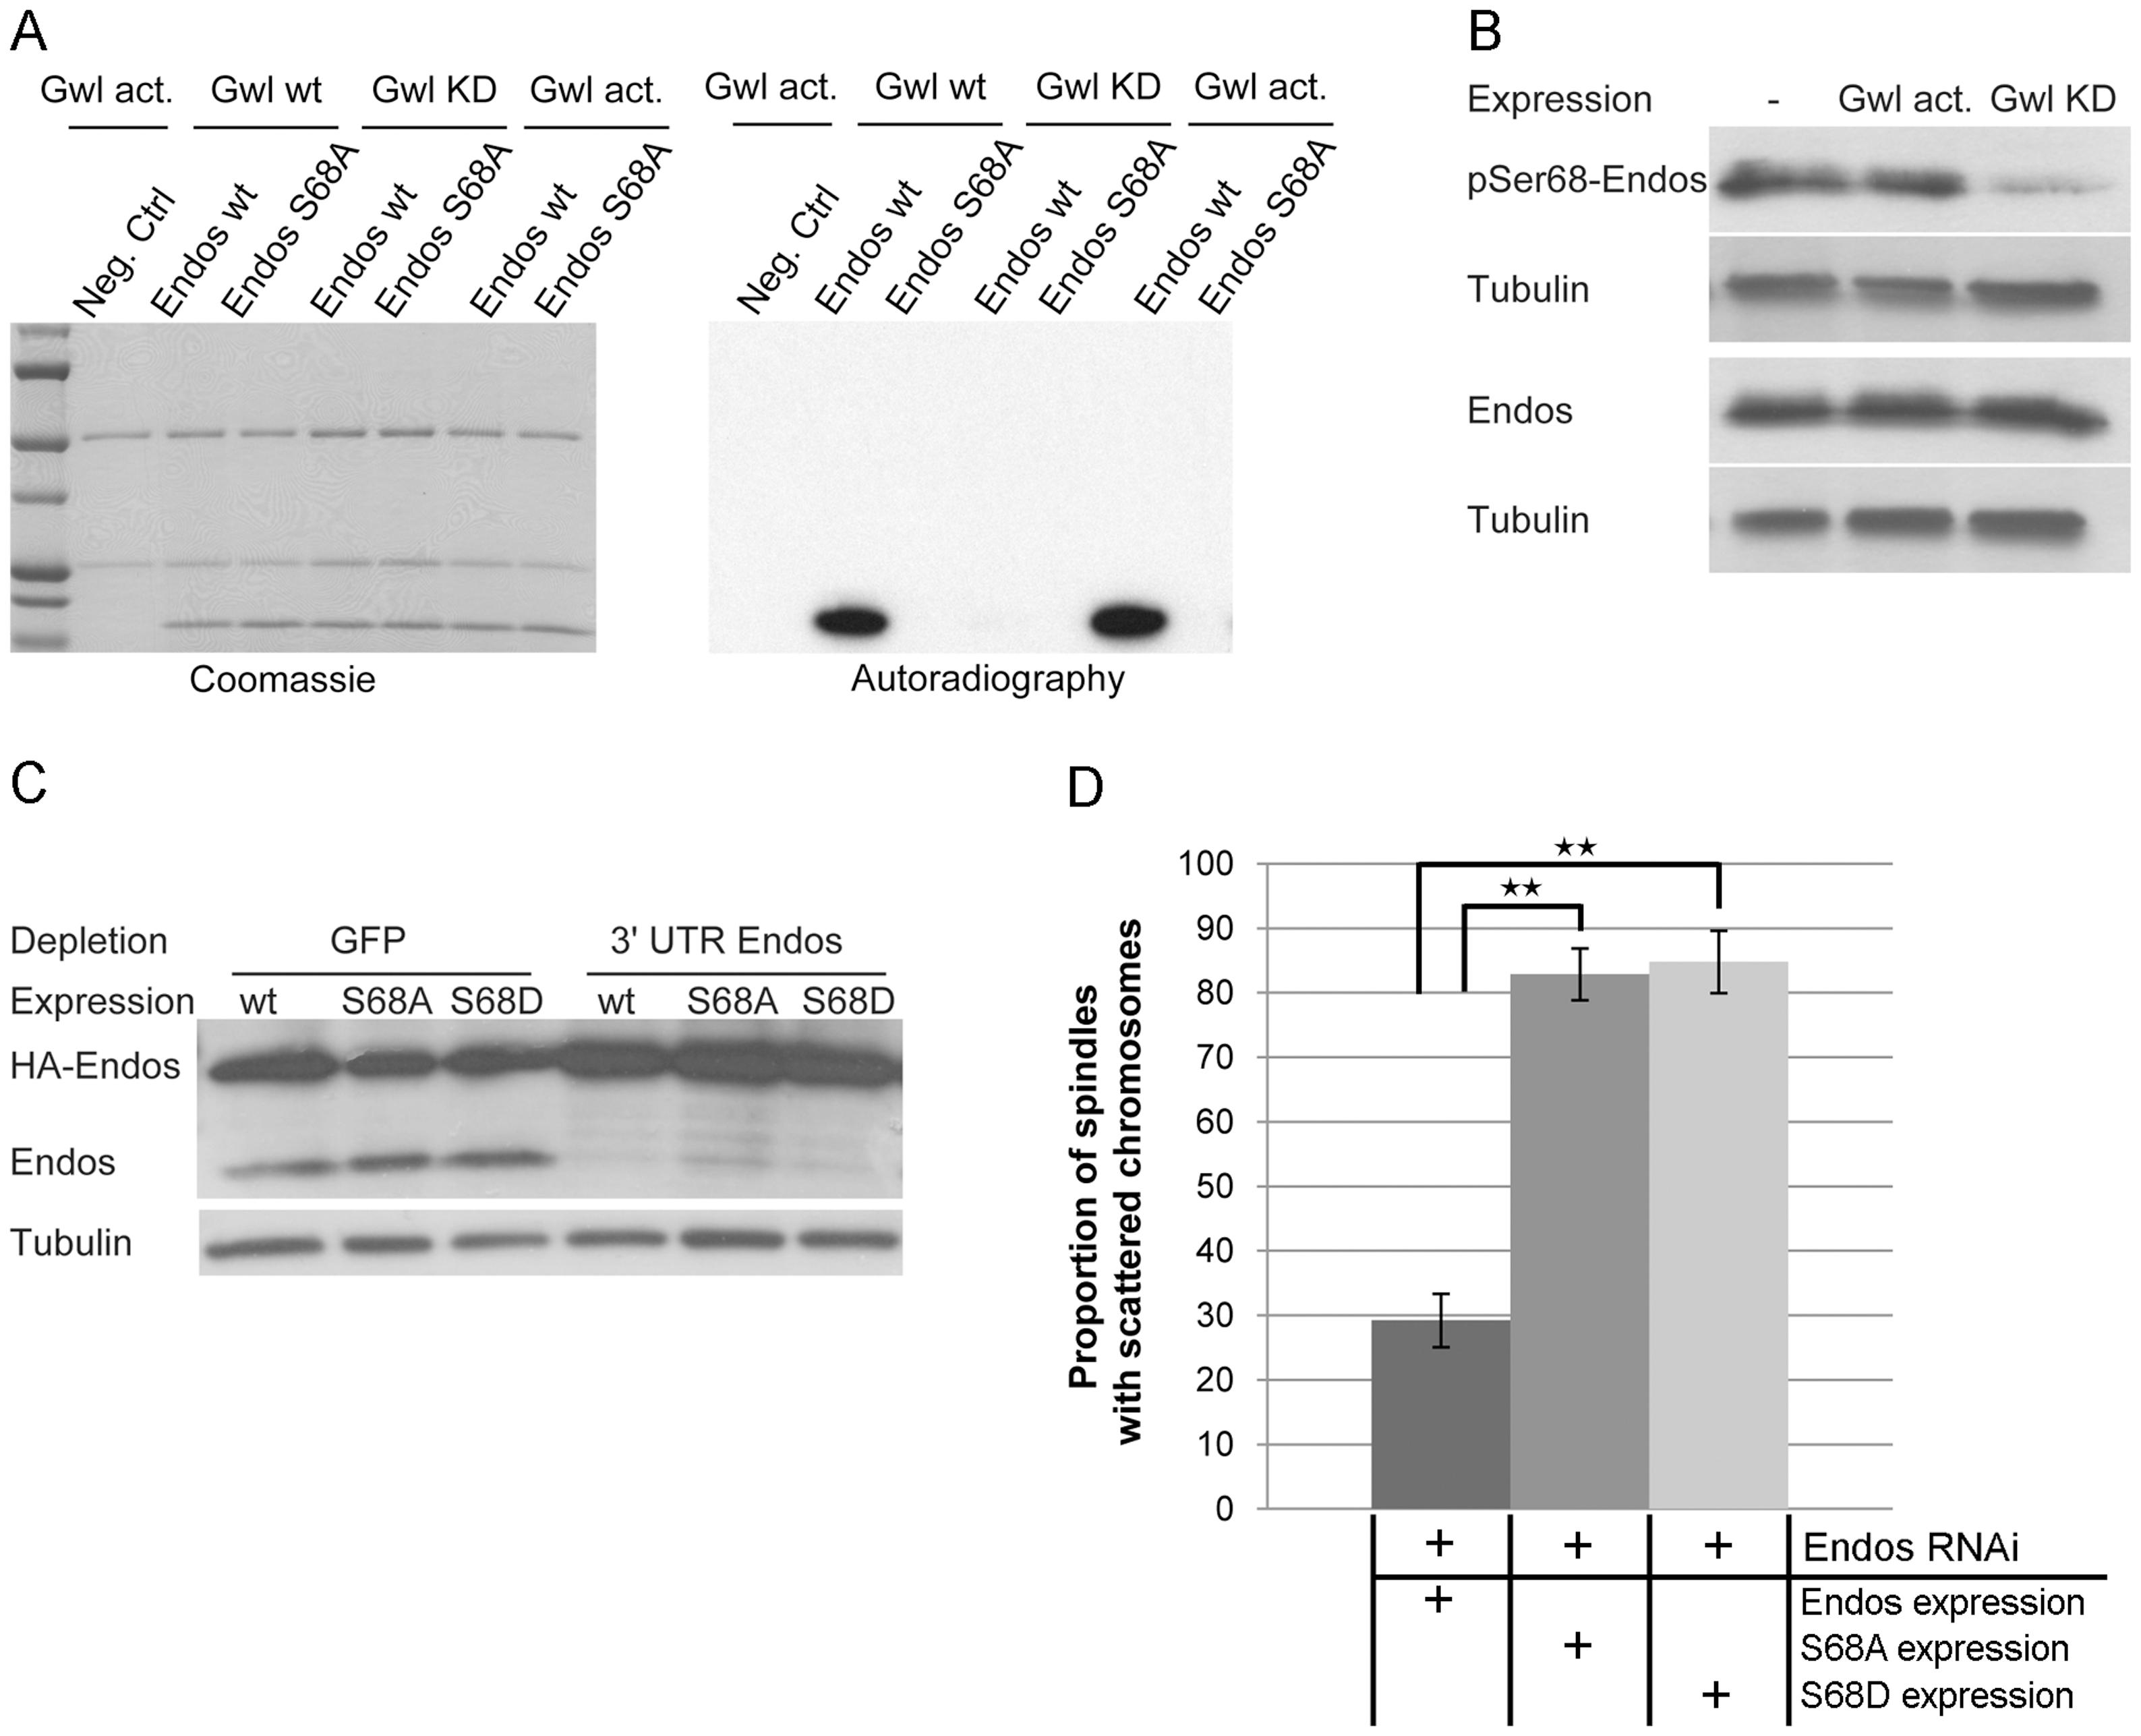 Greatwall phosphorylates Endos at Ser68.